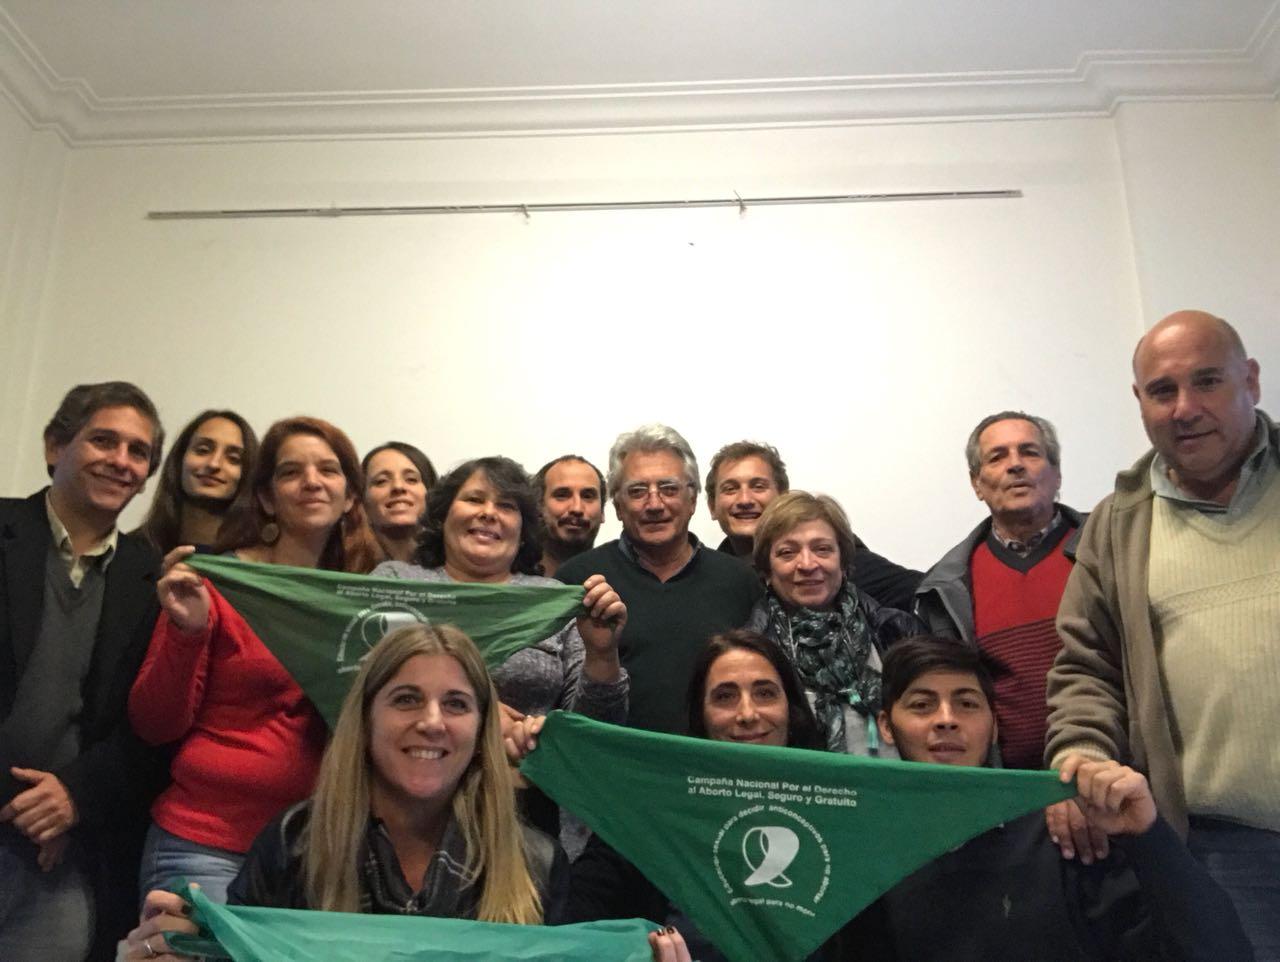 Hoy se realizó en La Plata un nuevo plenario del Partido Gen de la prov de BsAs en el que se abordaron distintos temas de actualidad, situación económica, Aborto, y otros.